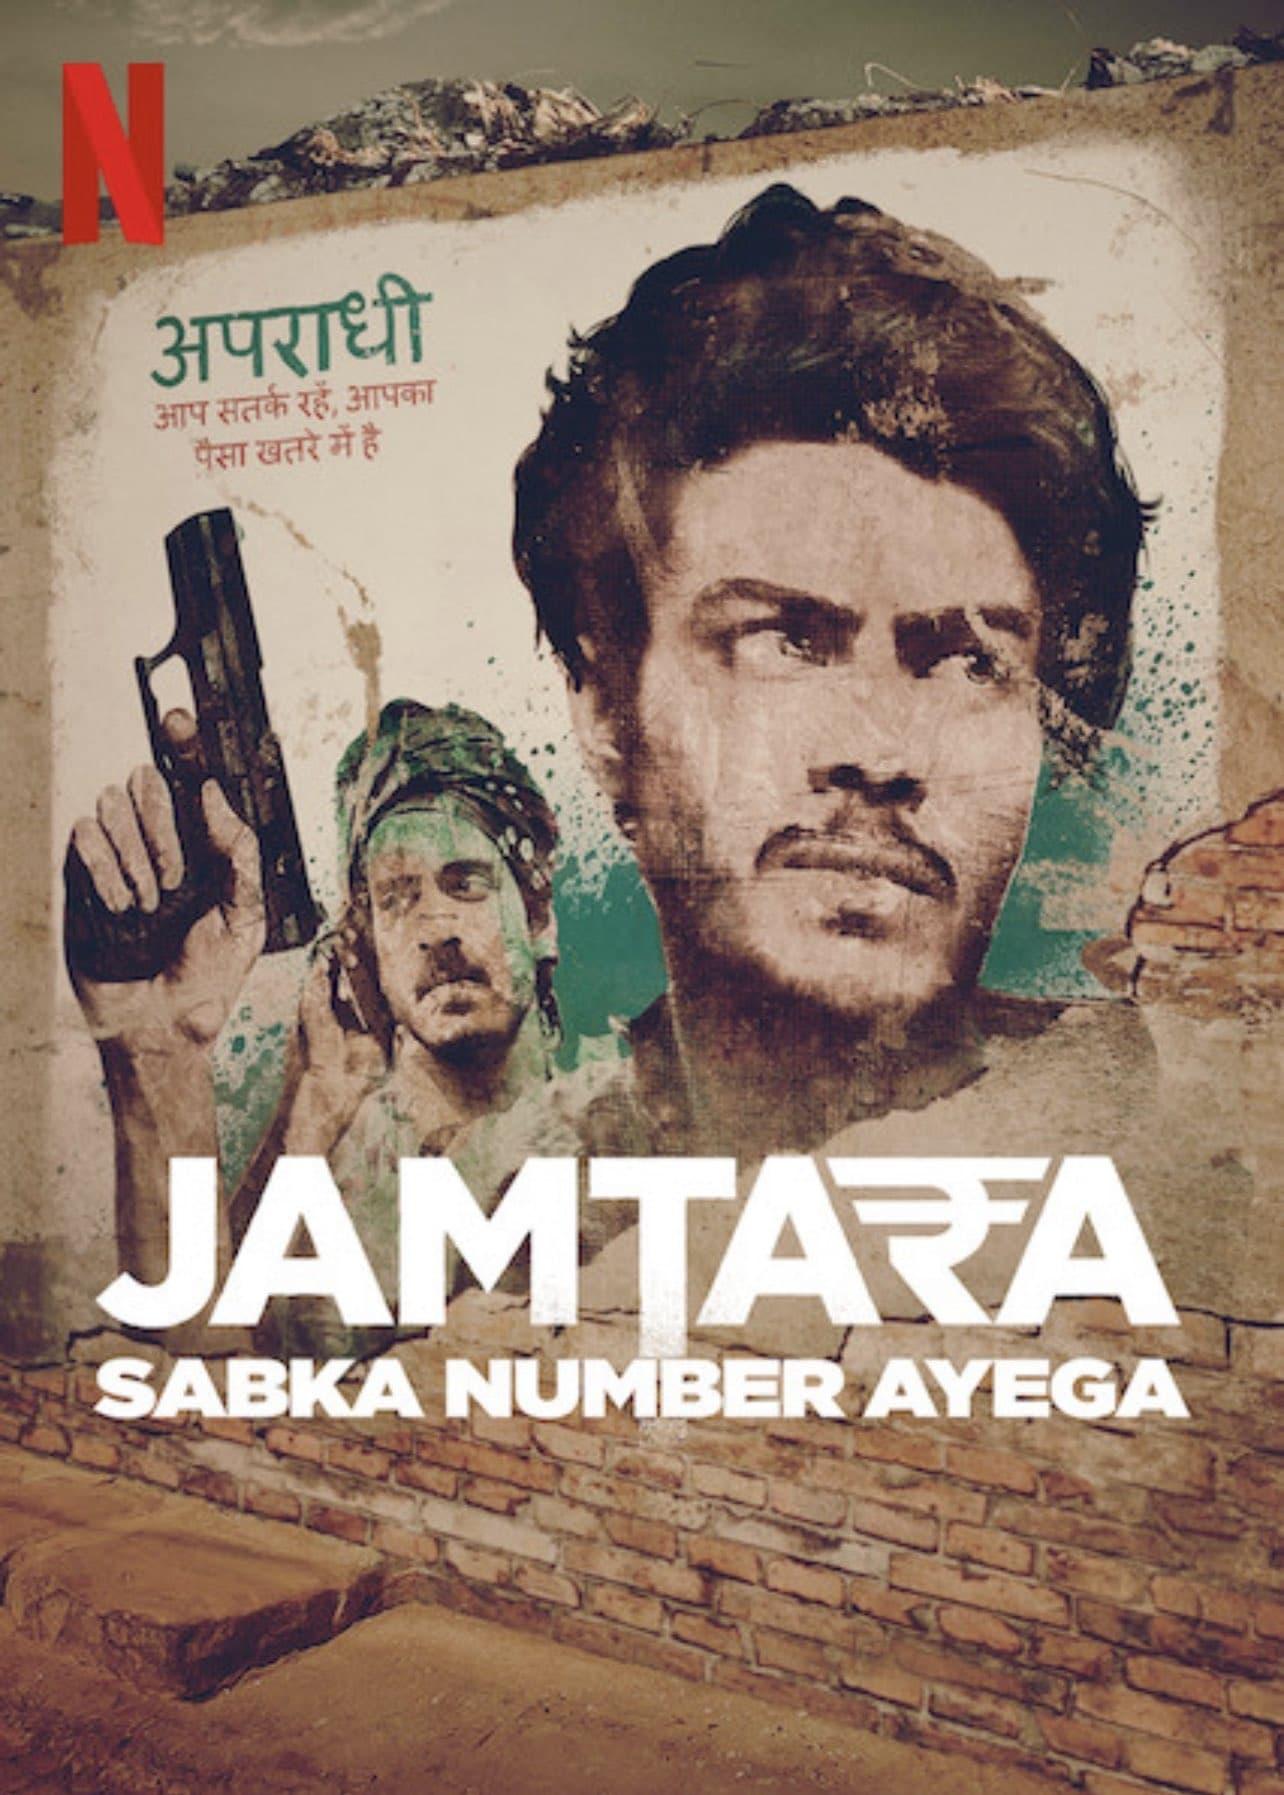 Jamtara: Espera la llamada